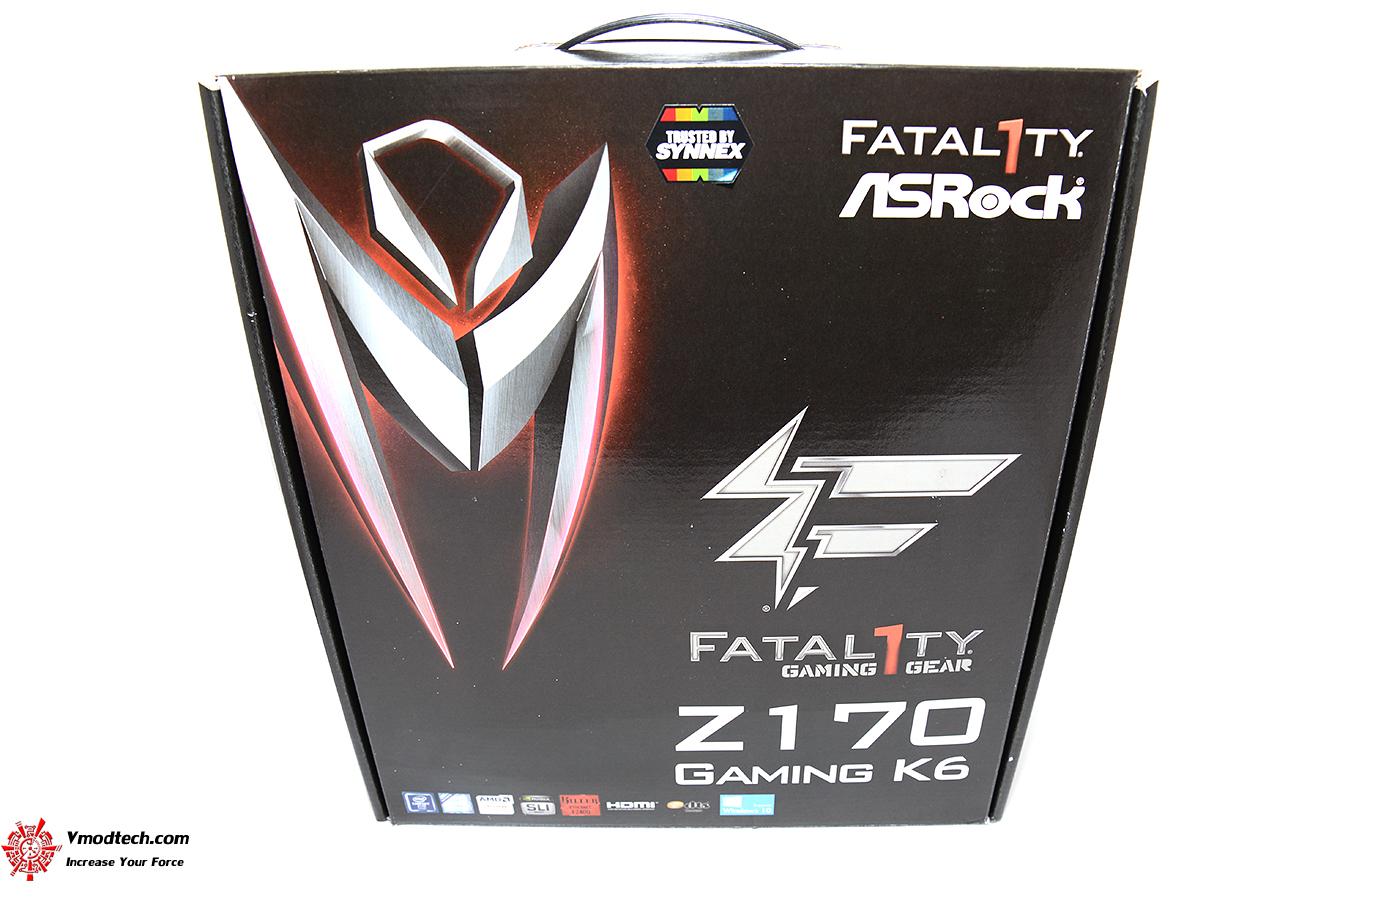 dsc 3264 ASRock Fatal1ty Z170 Gaming K6